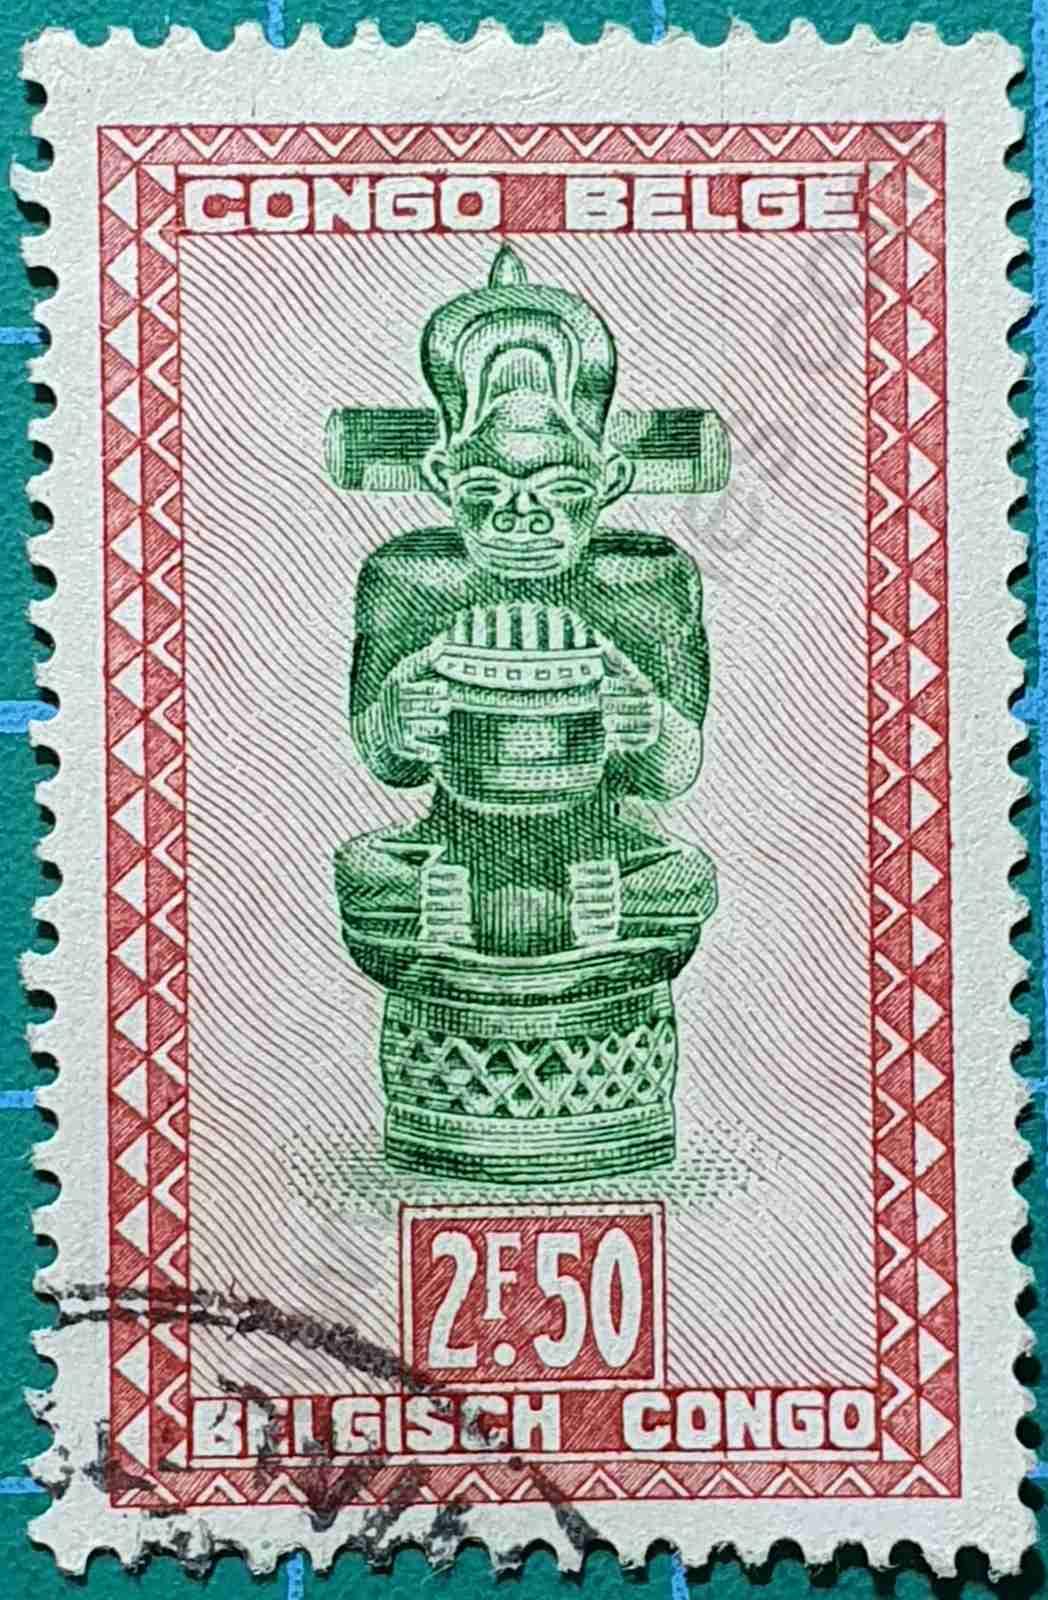 Ídolo Tshimanyi - sello del Congo Belga 1947